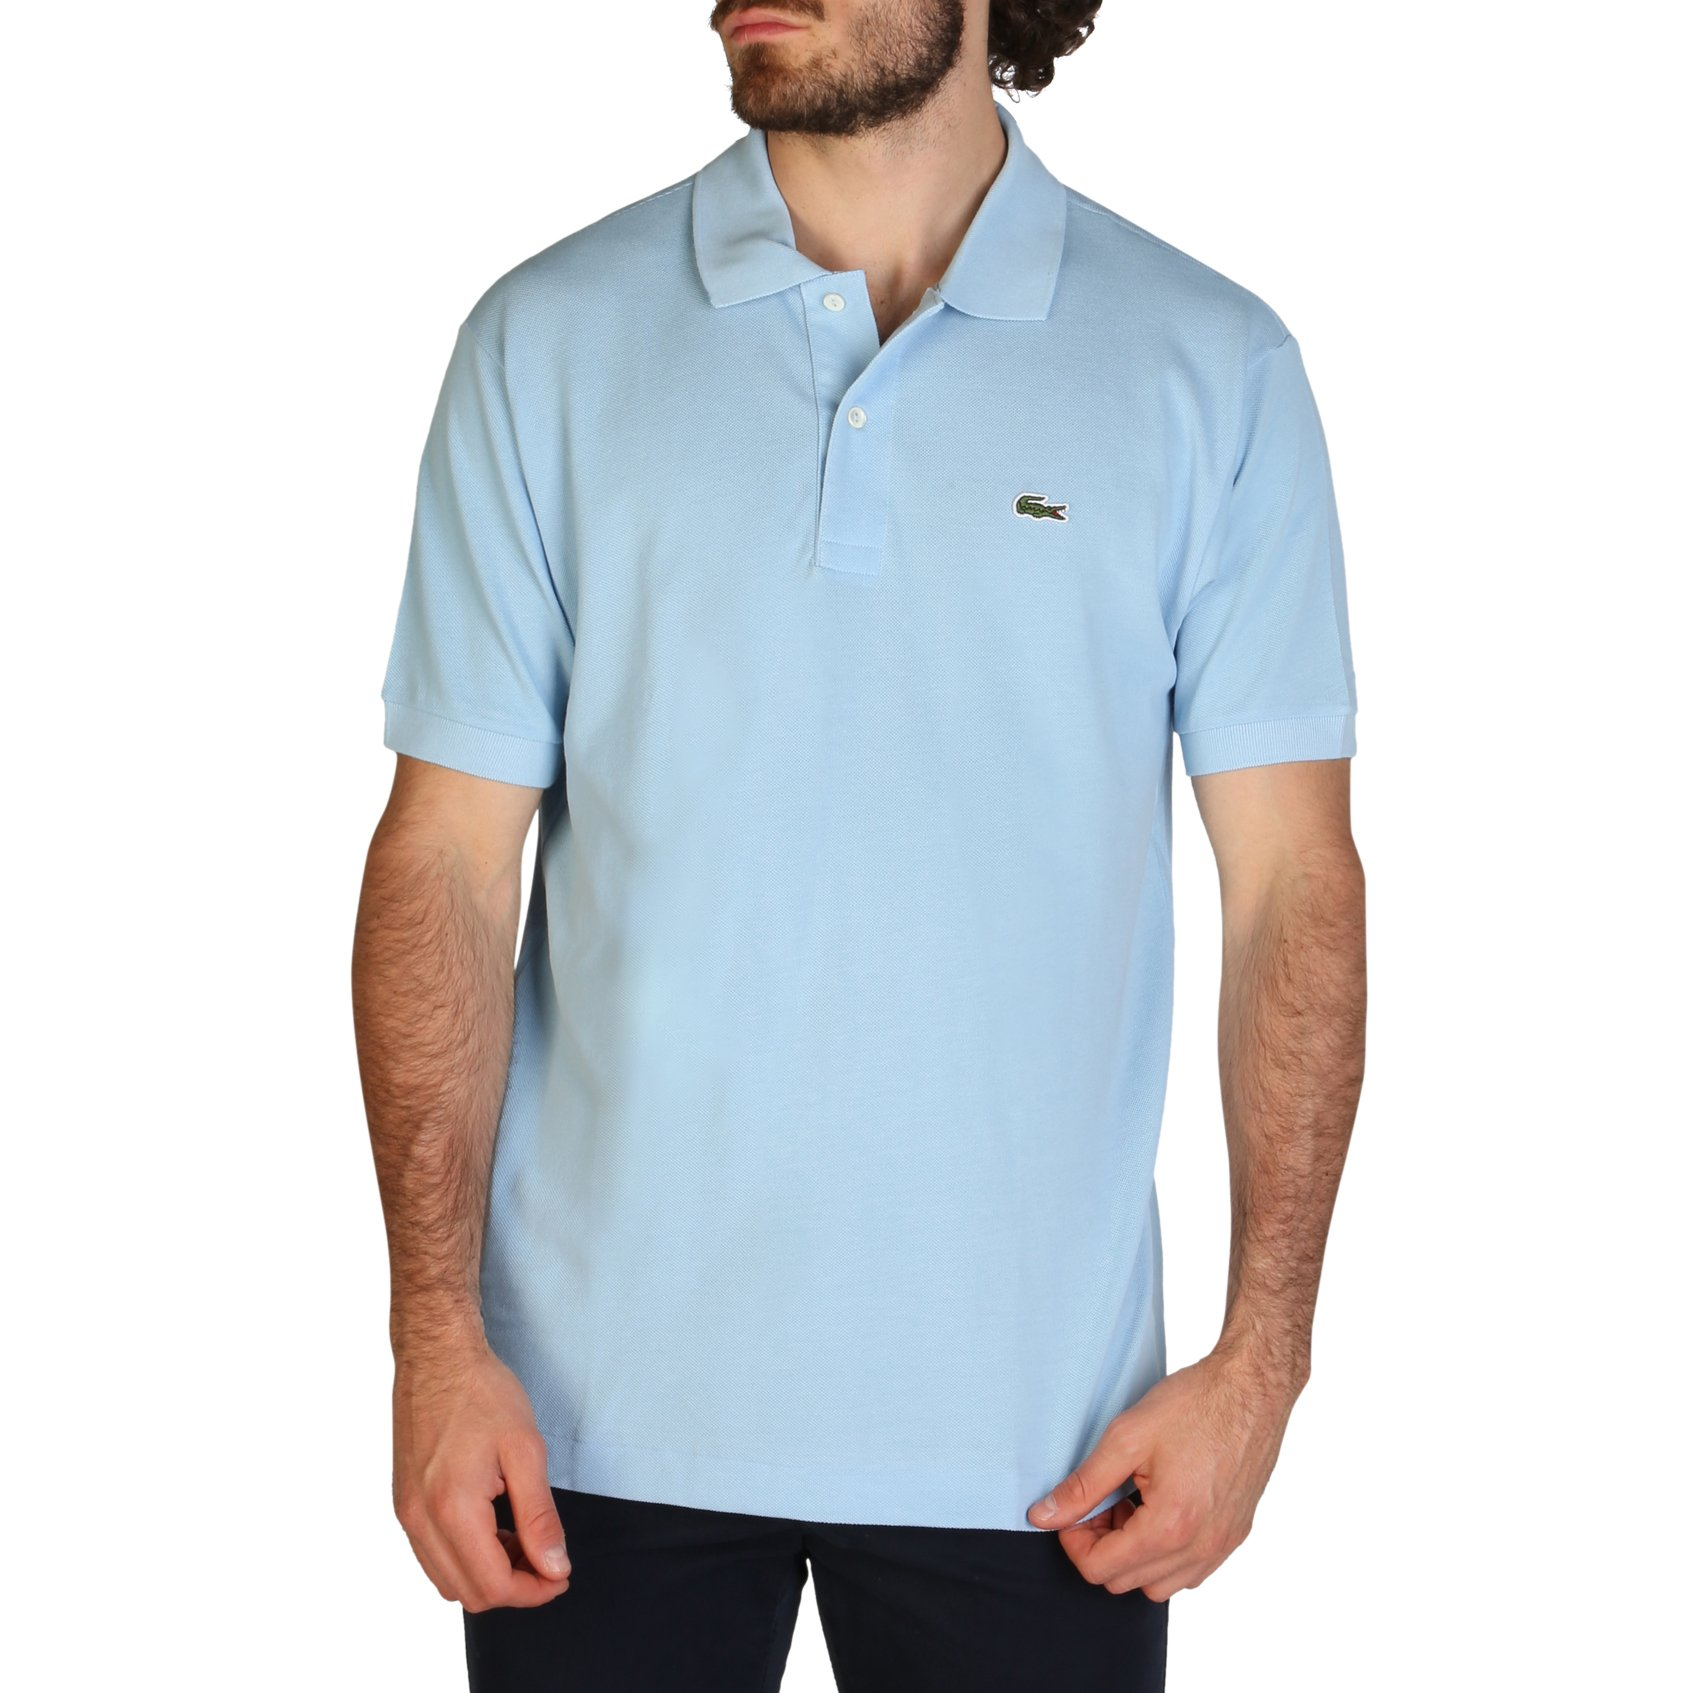 Lacoste Men's Polo Shirt Various Colours L1212_REGULAR - blue-3 S